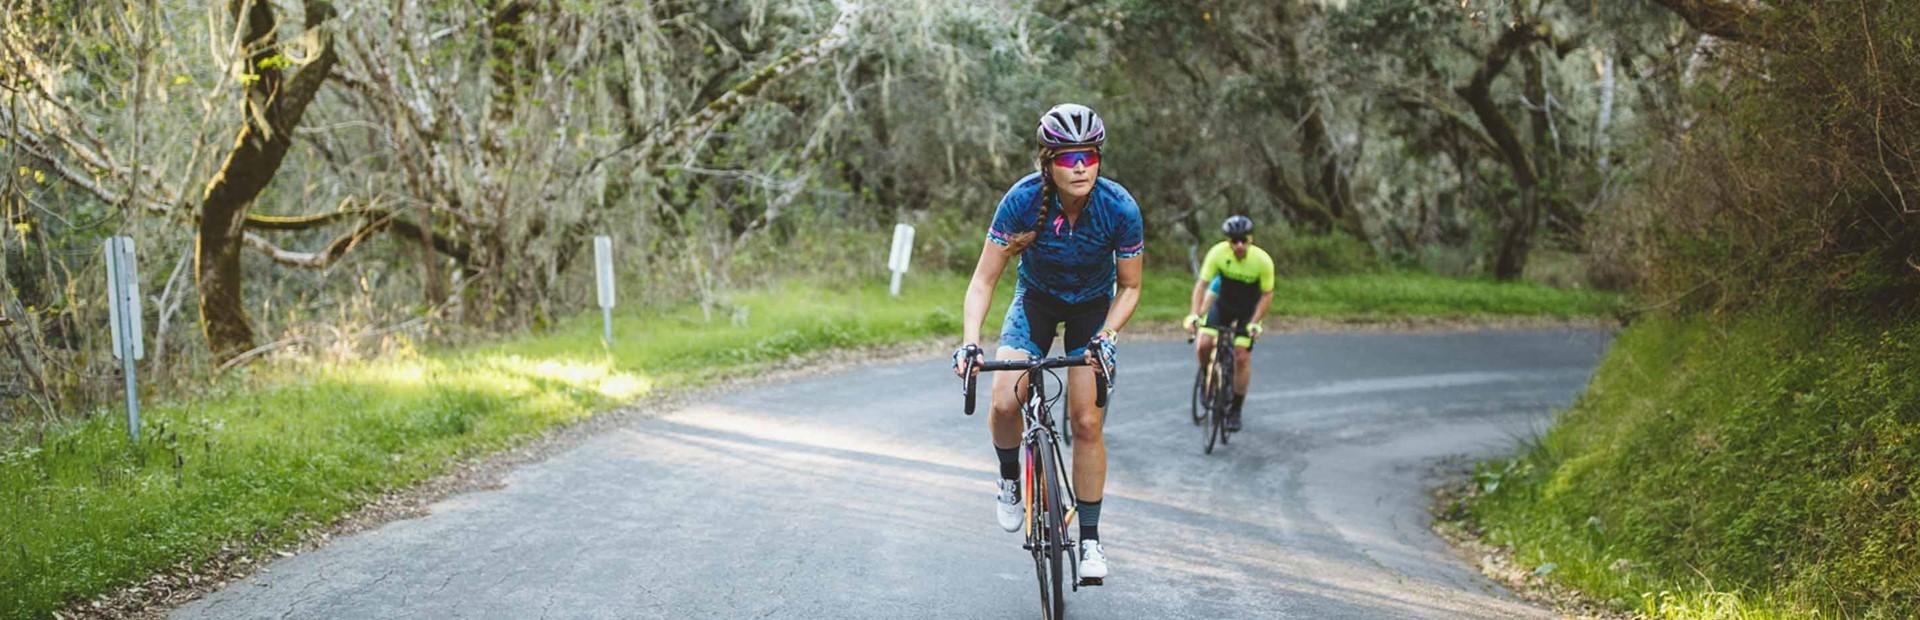 Vente et Location de Vélo de Course au Mont Ventoux: Vélo de